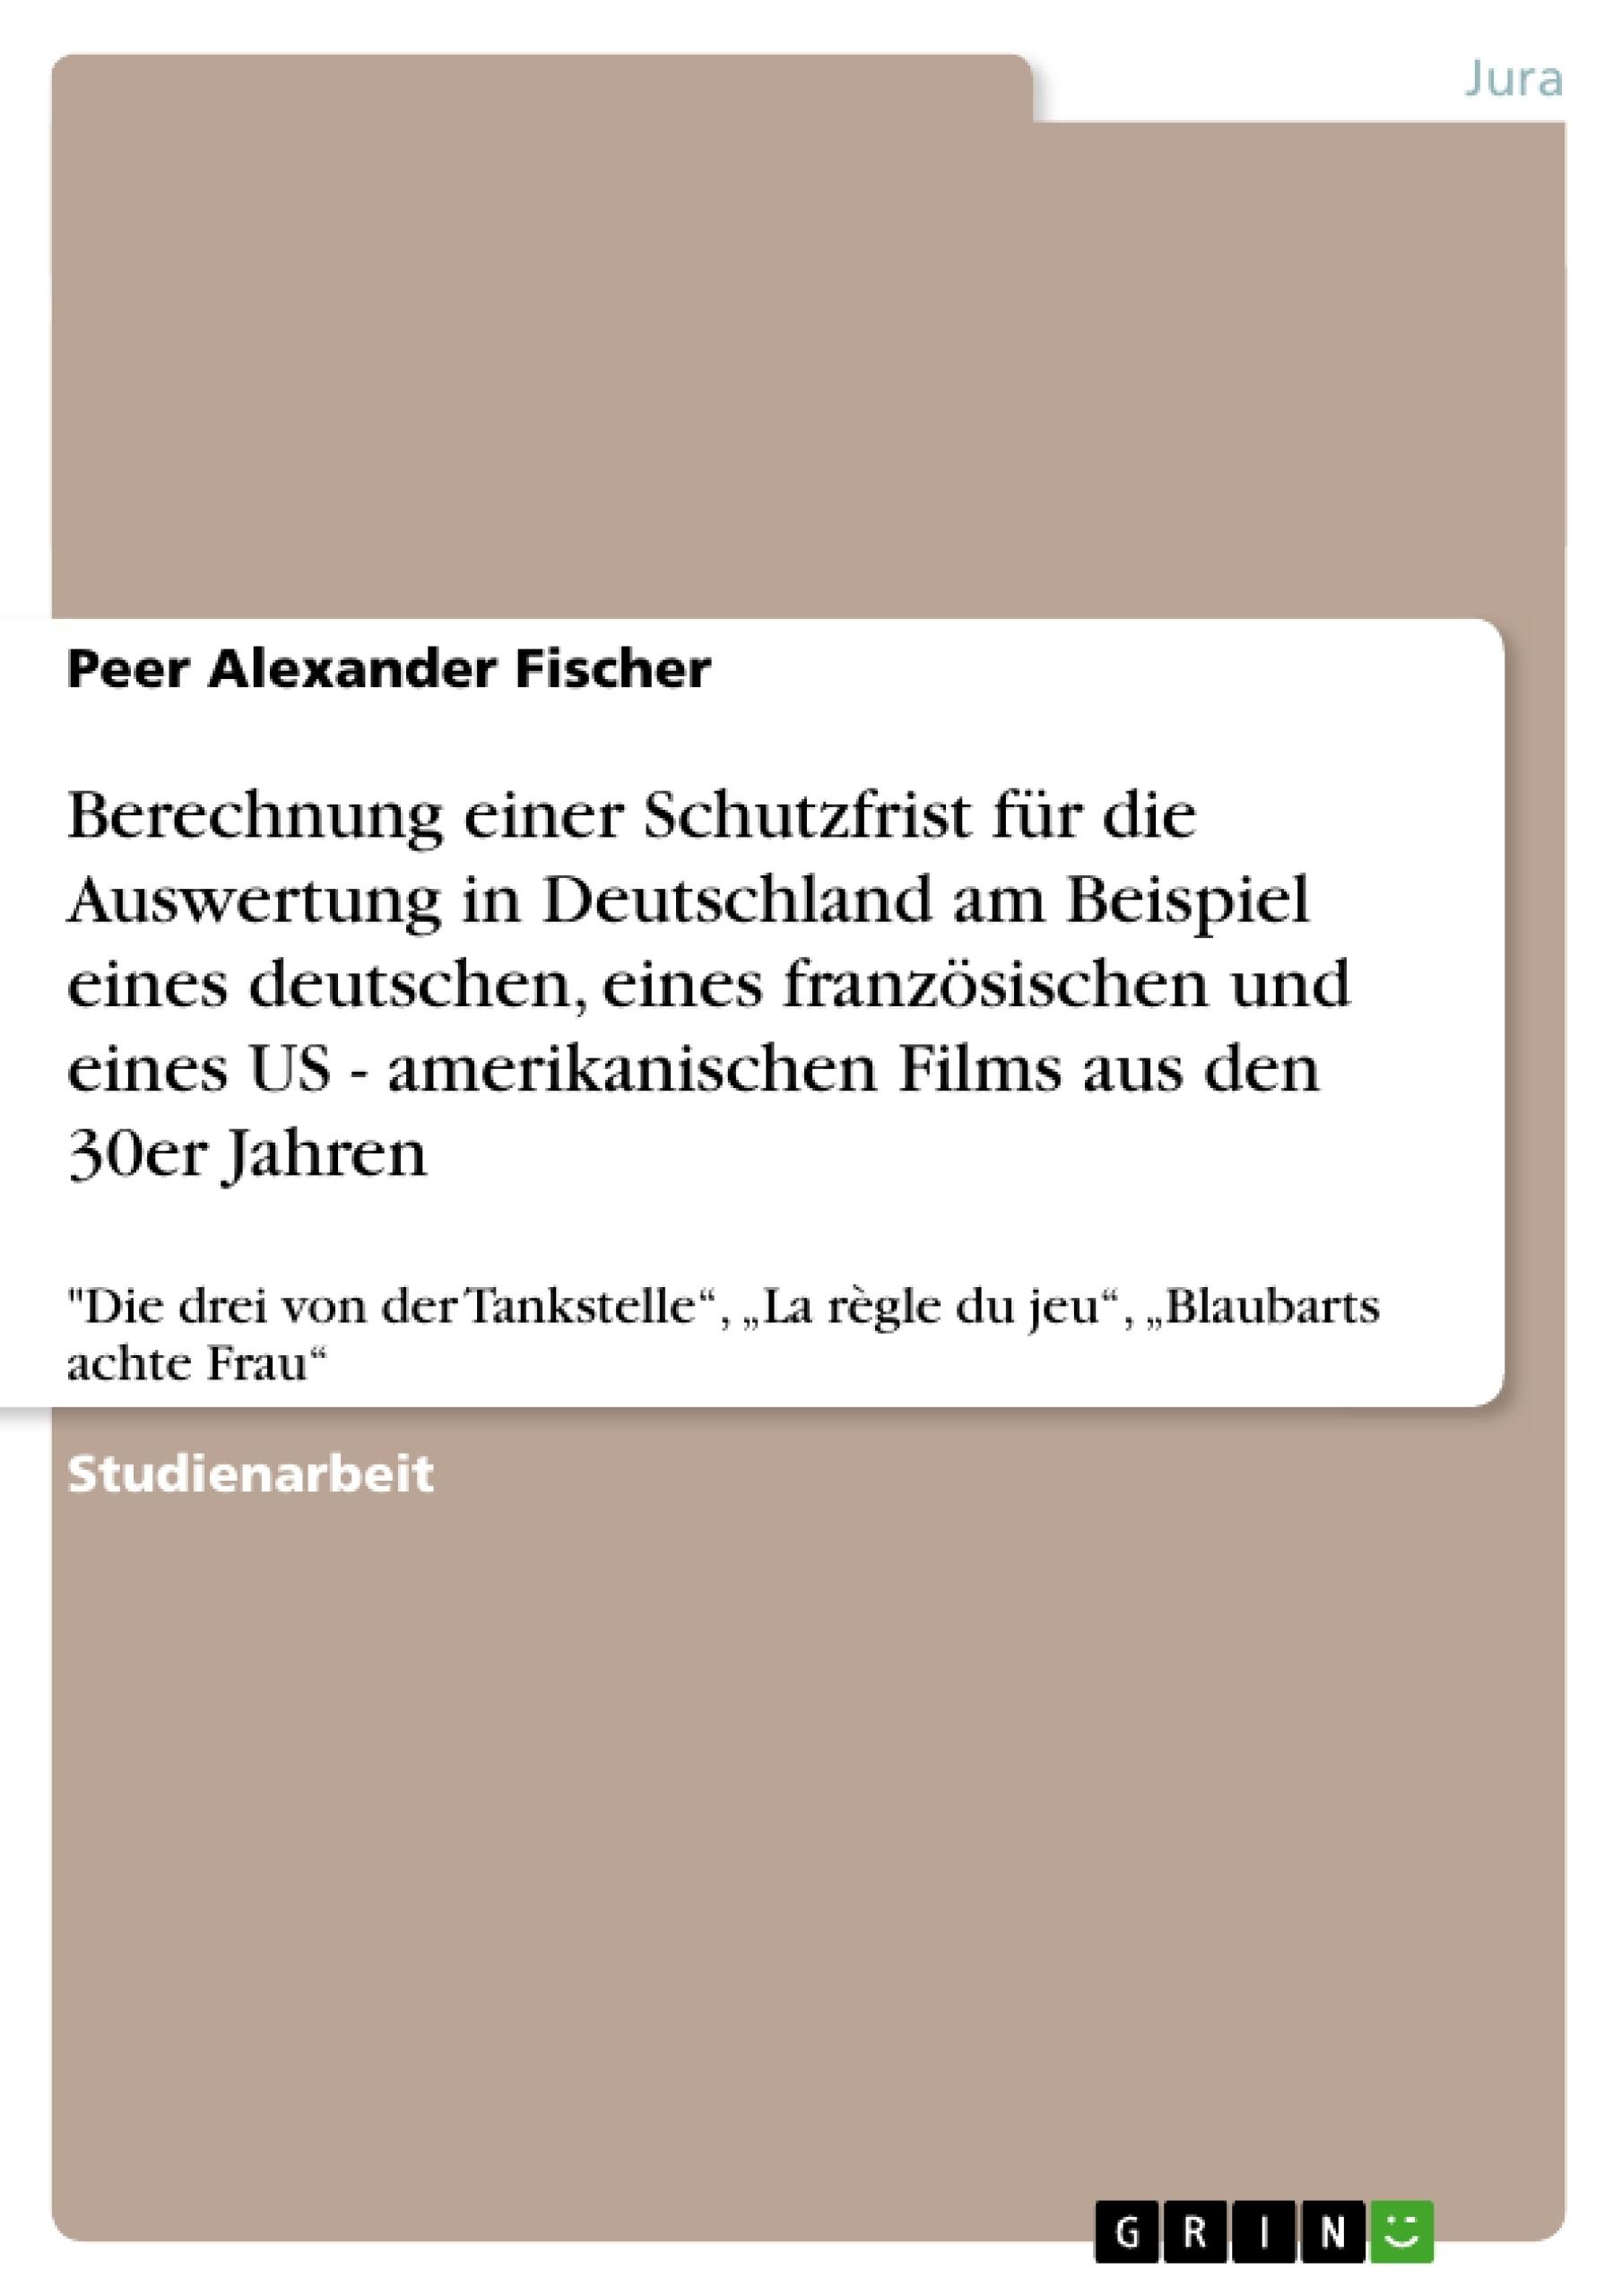 Titel: Berechnung einer Schutzfrist für die Auswertung in Deutschland am Beispiel eines deutschen, eines französischen und eines US - amerikanischen Films aus den 30er Jahren